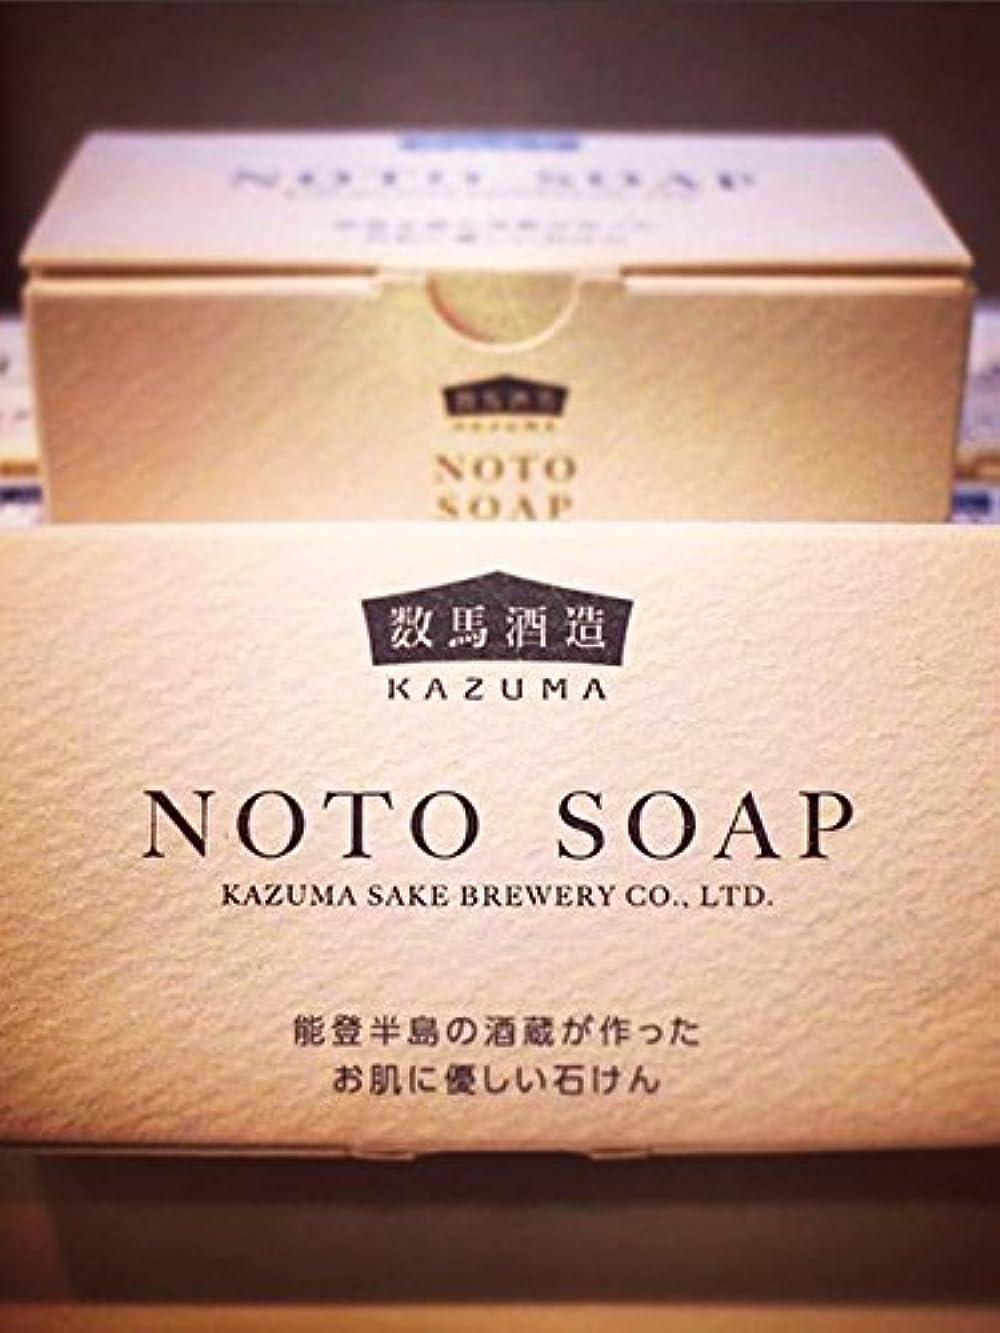 切断する眠る多様な竹葉 NOTO SOAP 酒粕石鹸 1個80g